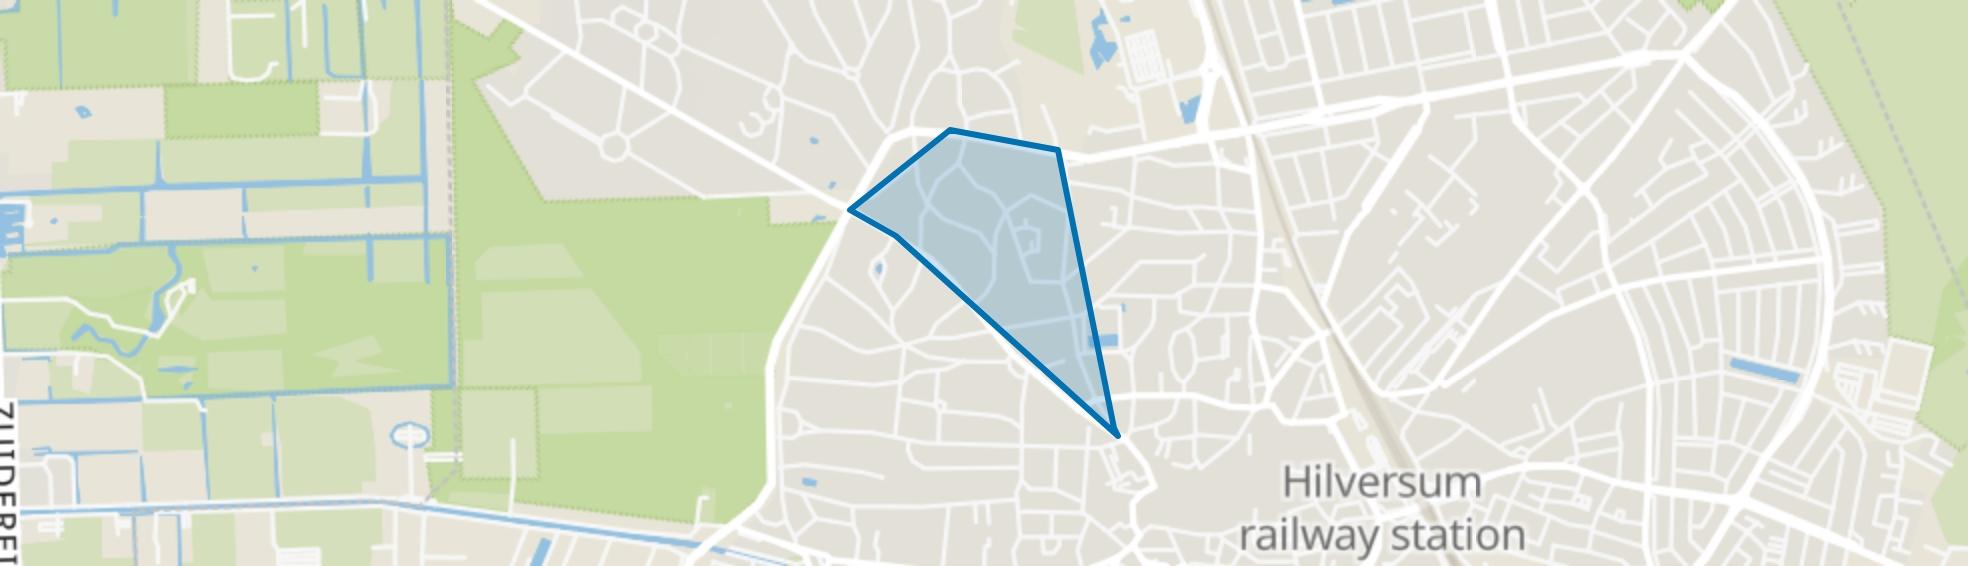 Trompenberg-Zuid, Hilversum map